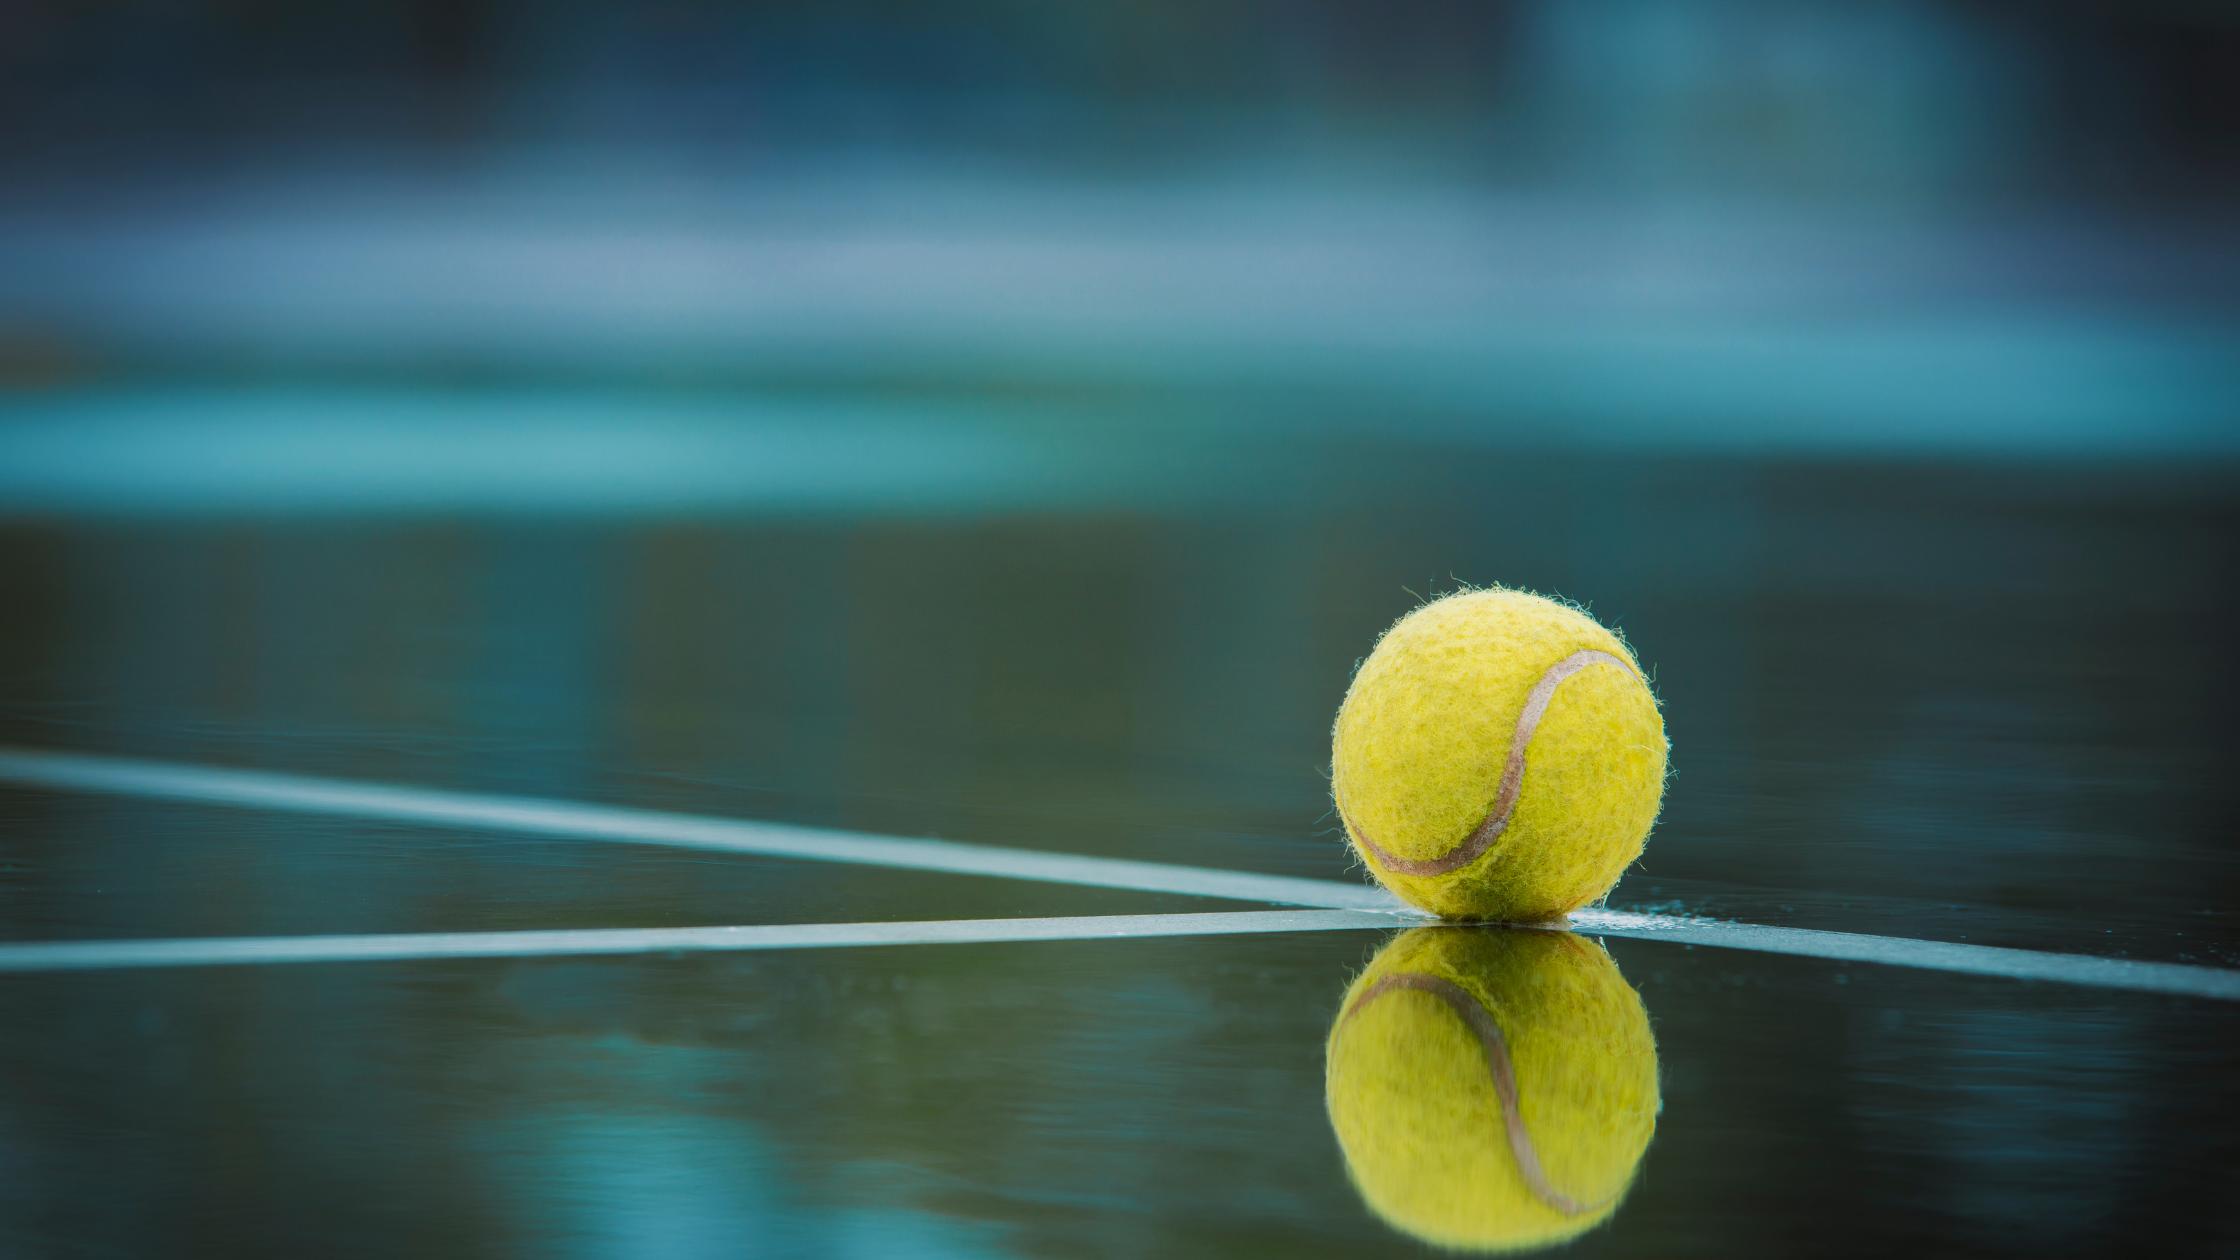 La importancia del pie en el tenis